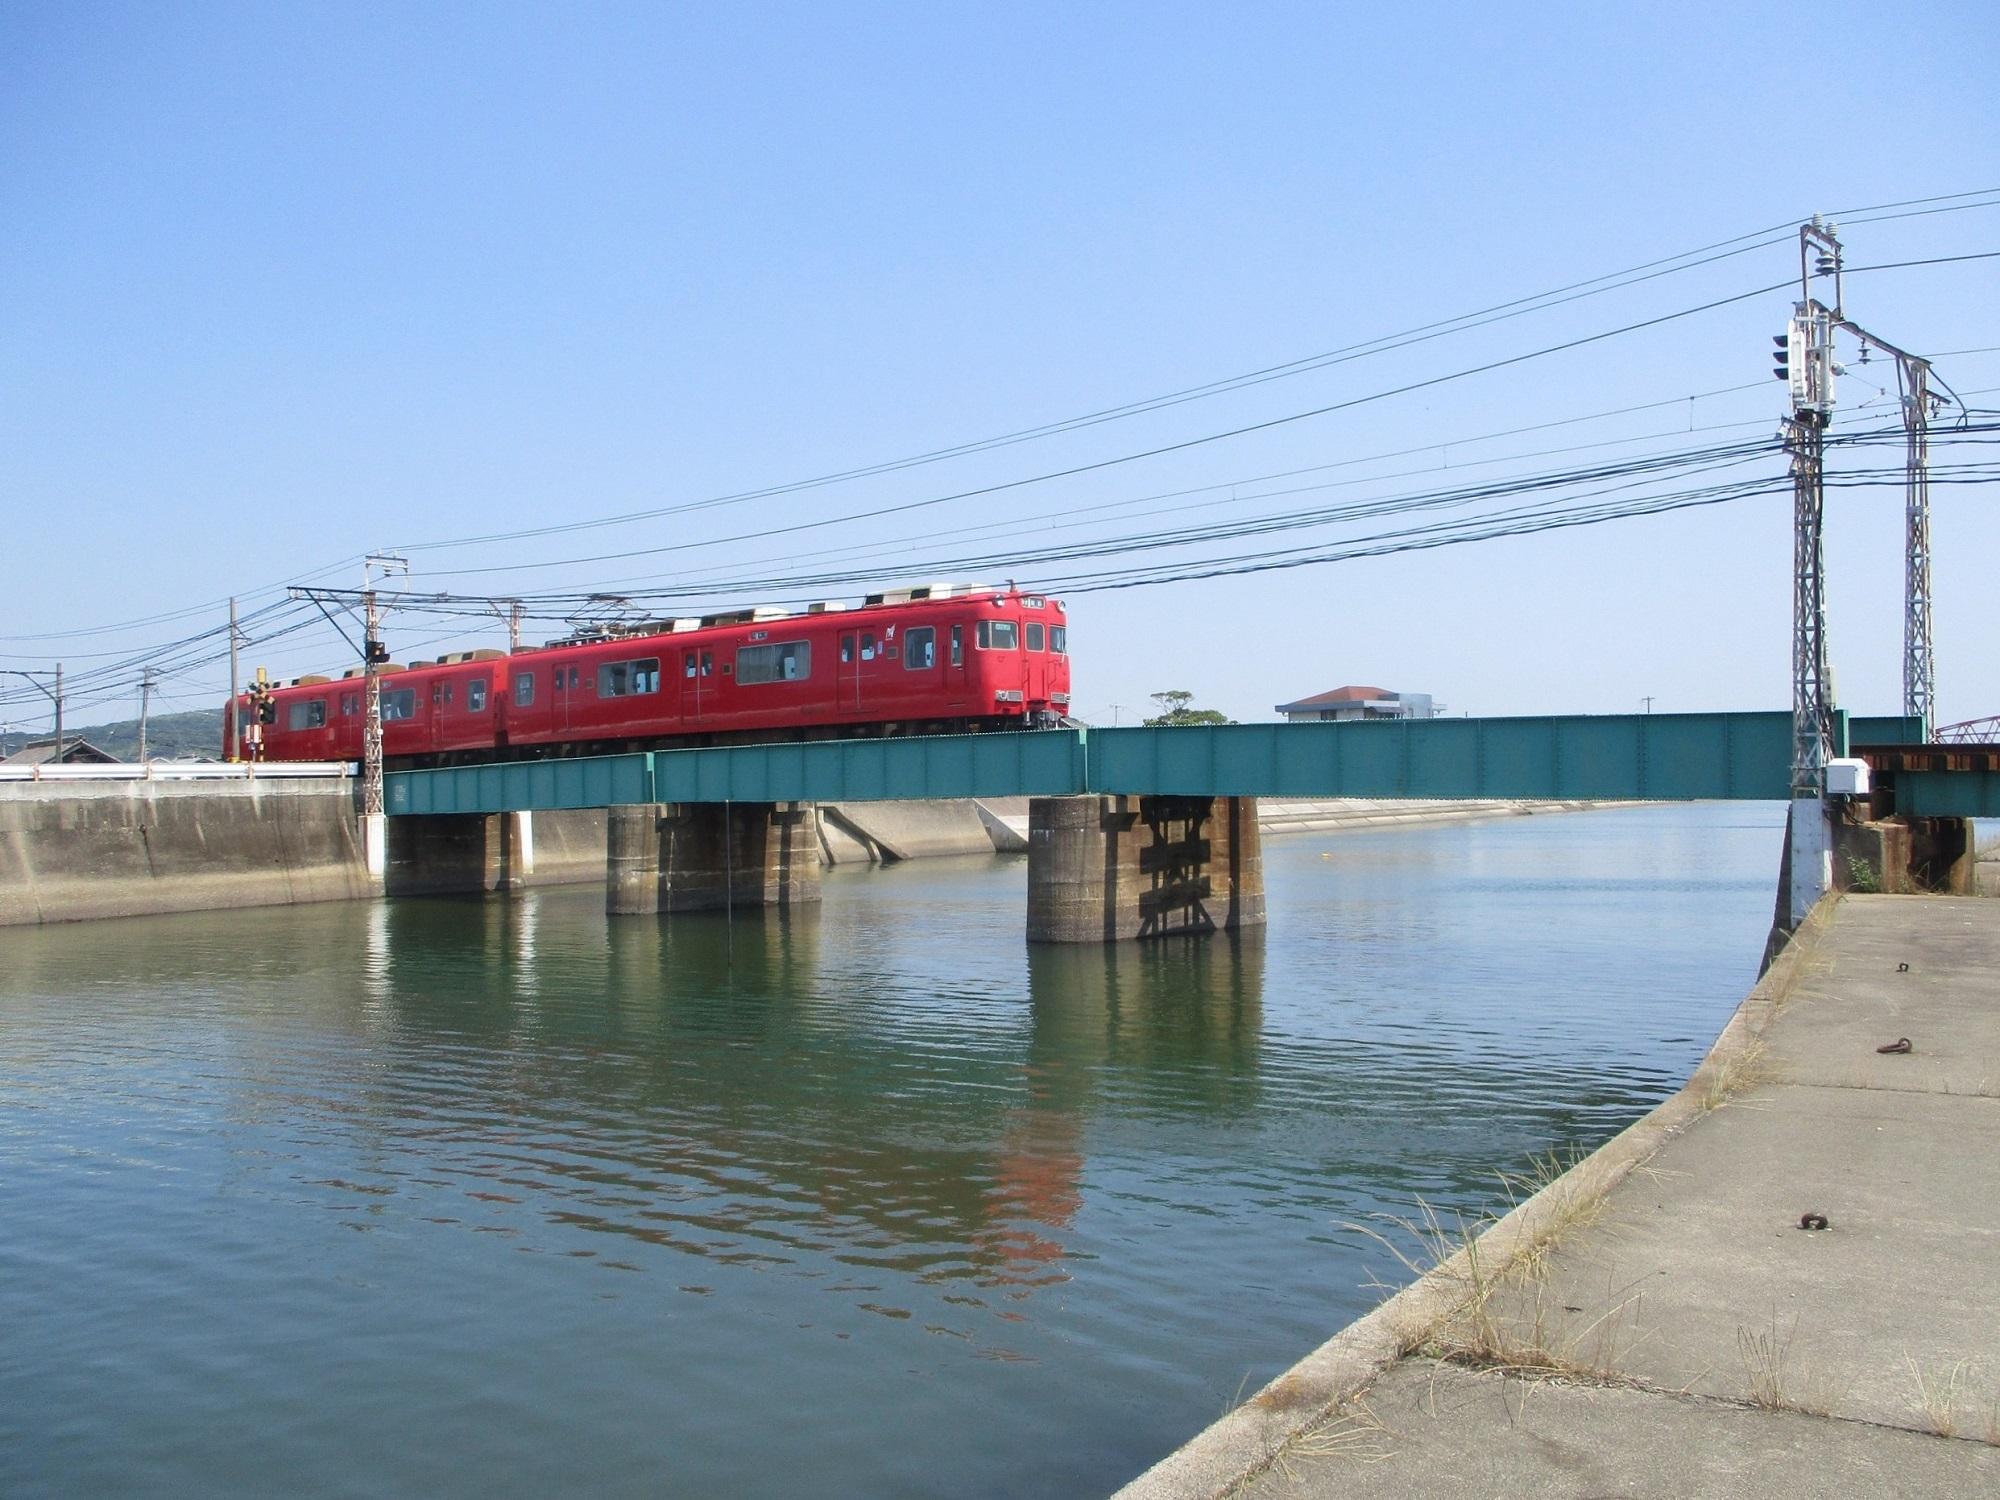 2020.6.16 (13) 矢崎川鉄橋 - 蒲郡いきふつう 2000-1500